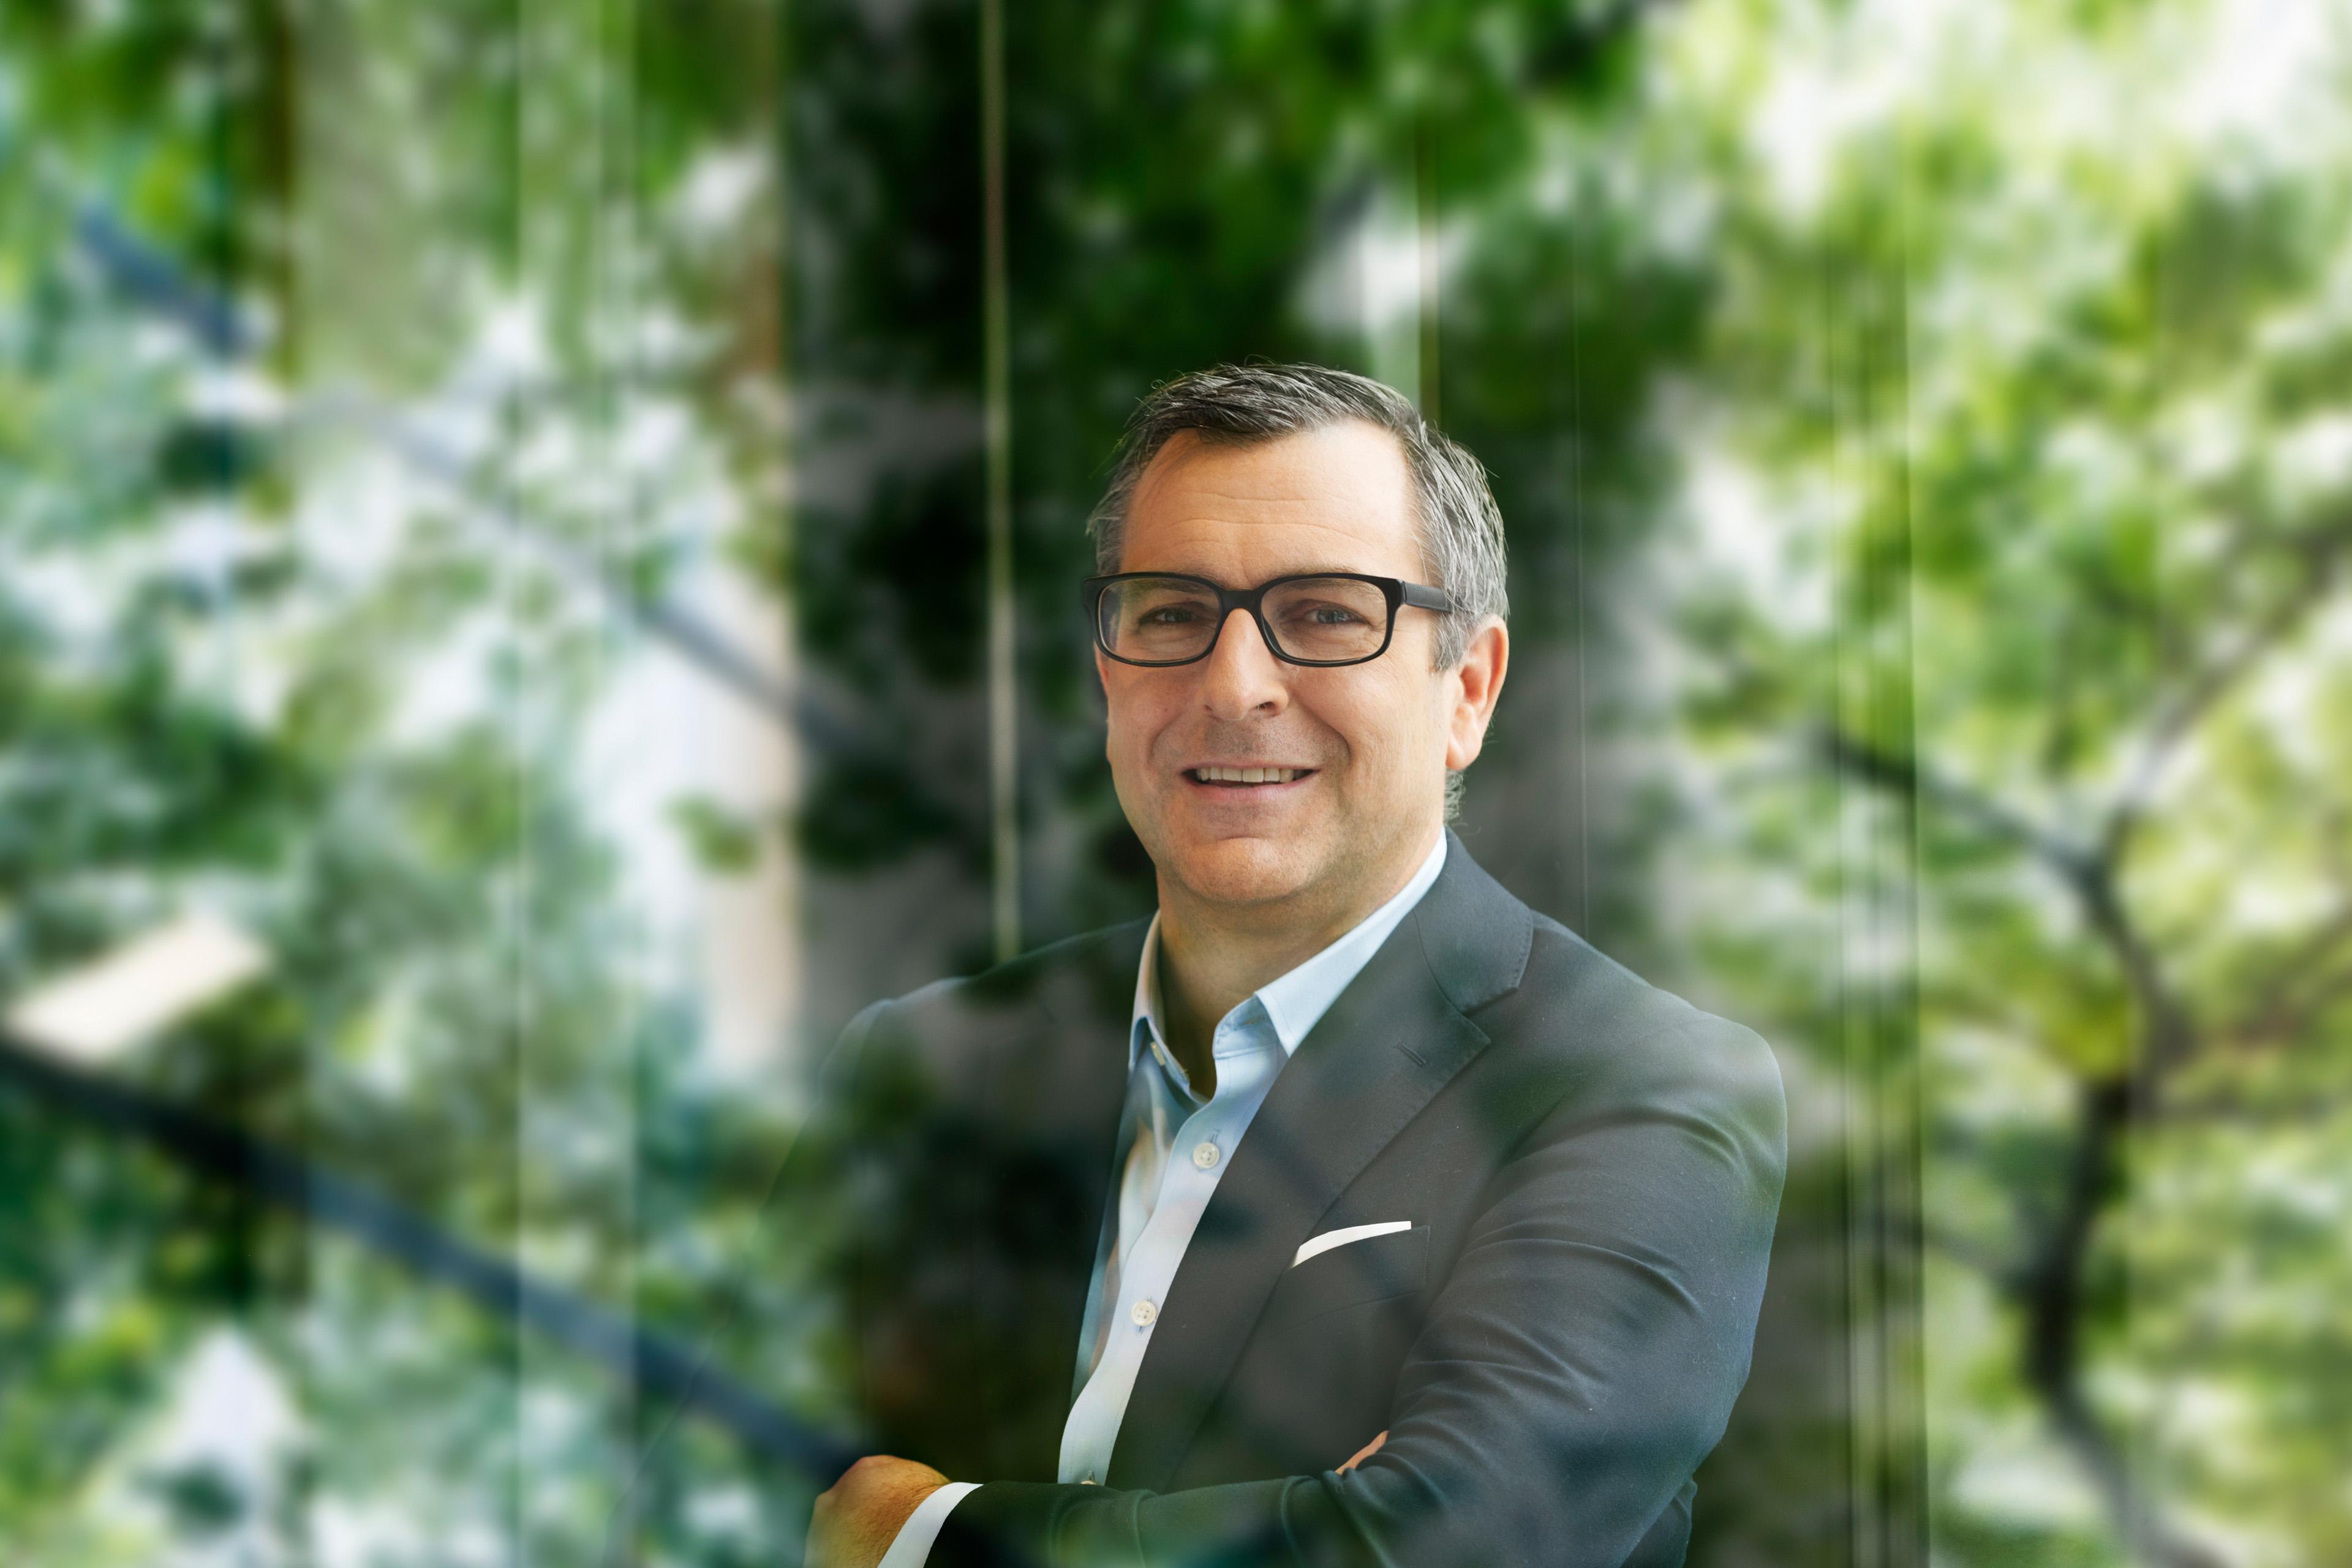 EYCarbon portrait of Florian Huber